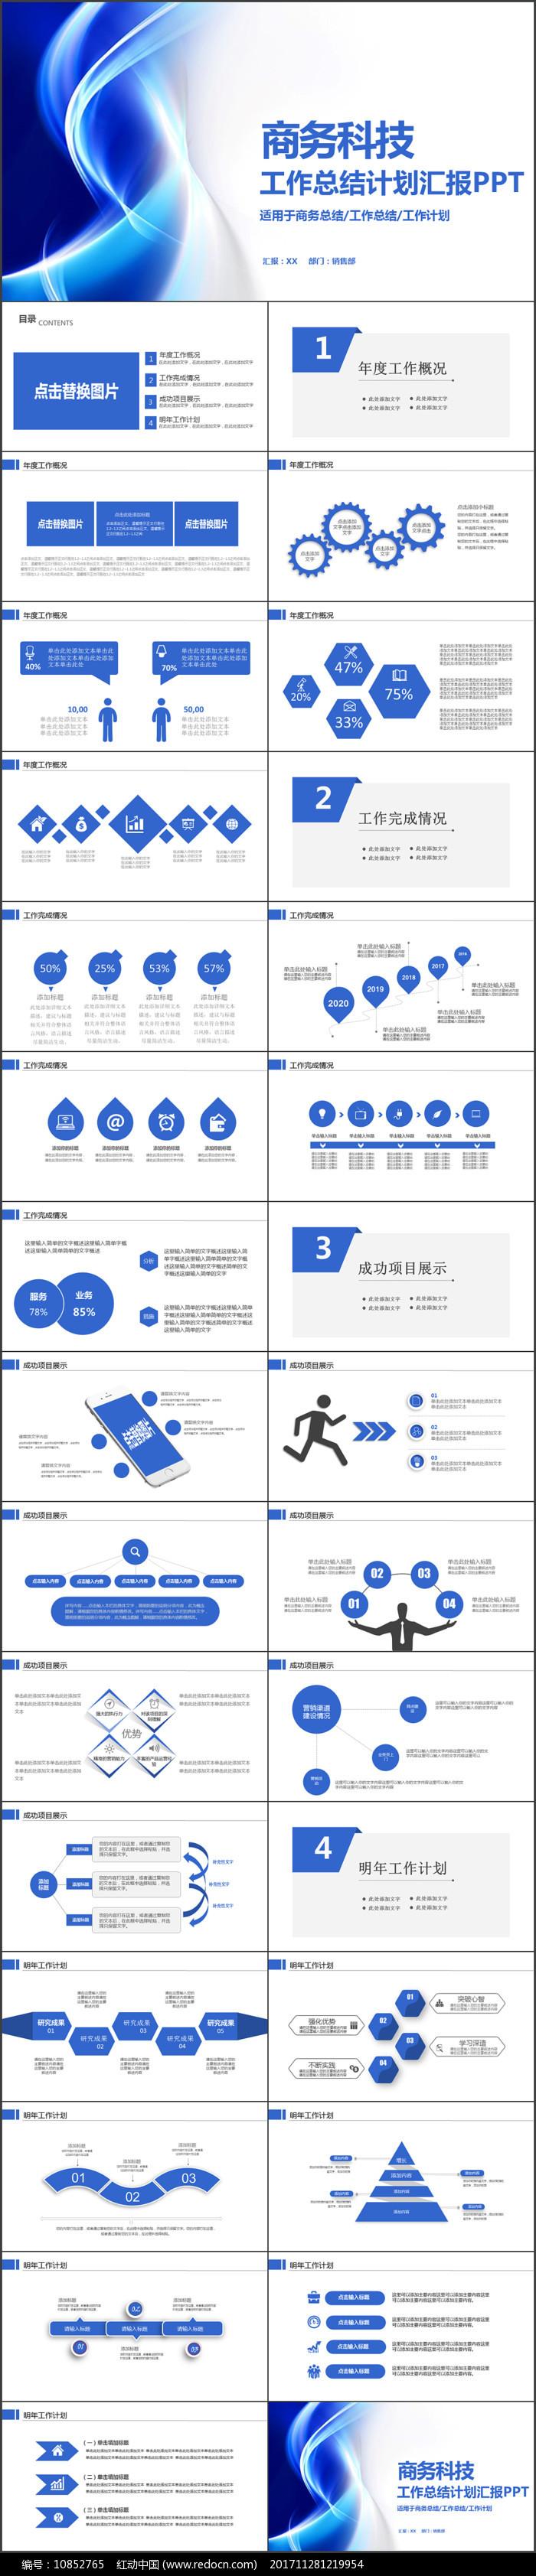 蓝色商务科技互联网年终总结PPT模板图片